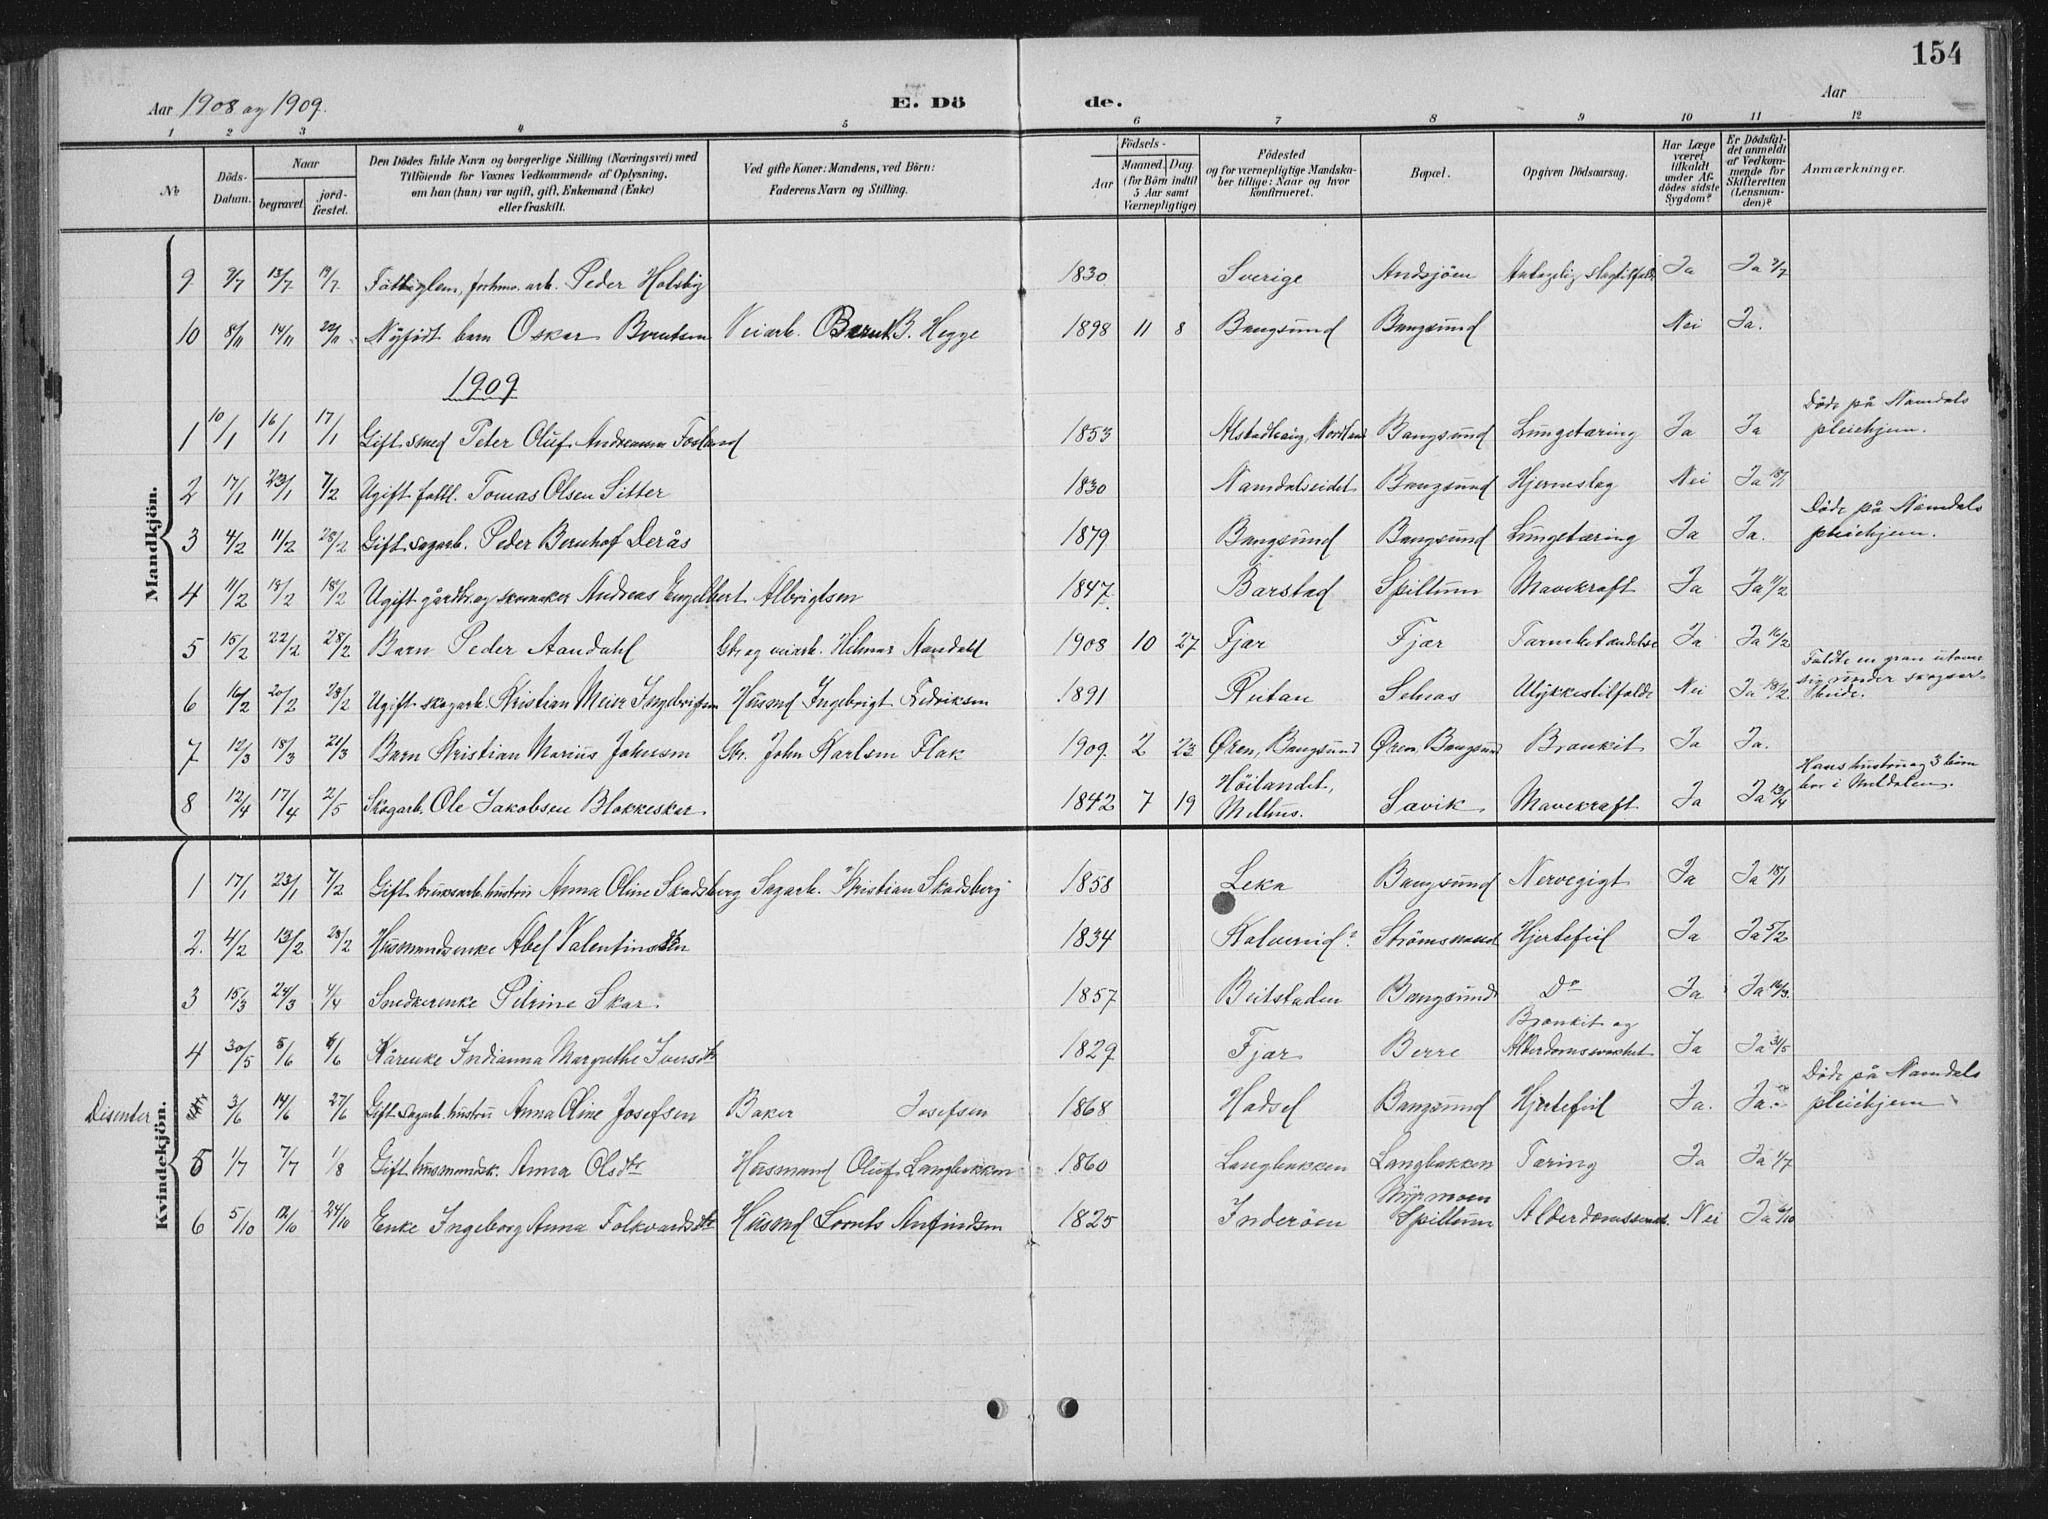 SAT, Ministerialprotokoller, klokkerbøker og fødselsregistre - Nord-Trøndelag, 770/L0591: Klokkerbok nr. 770C02, 1902-1940, s. 154